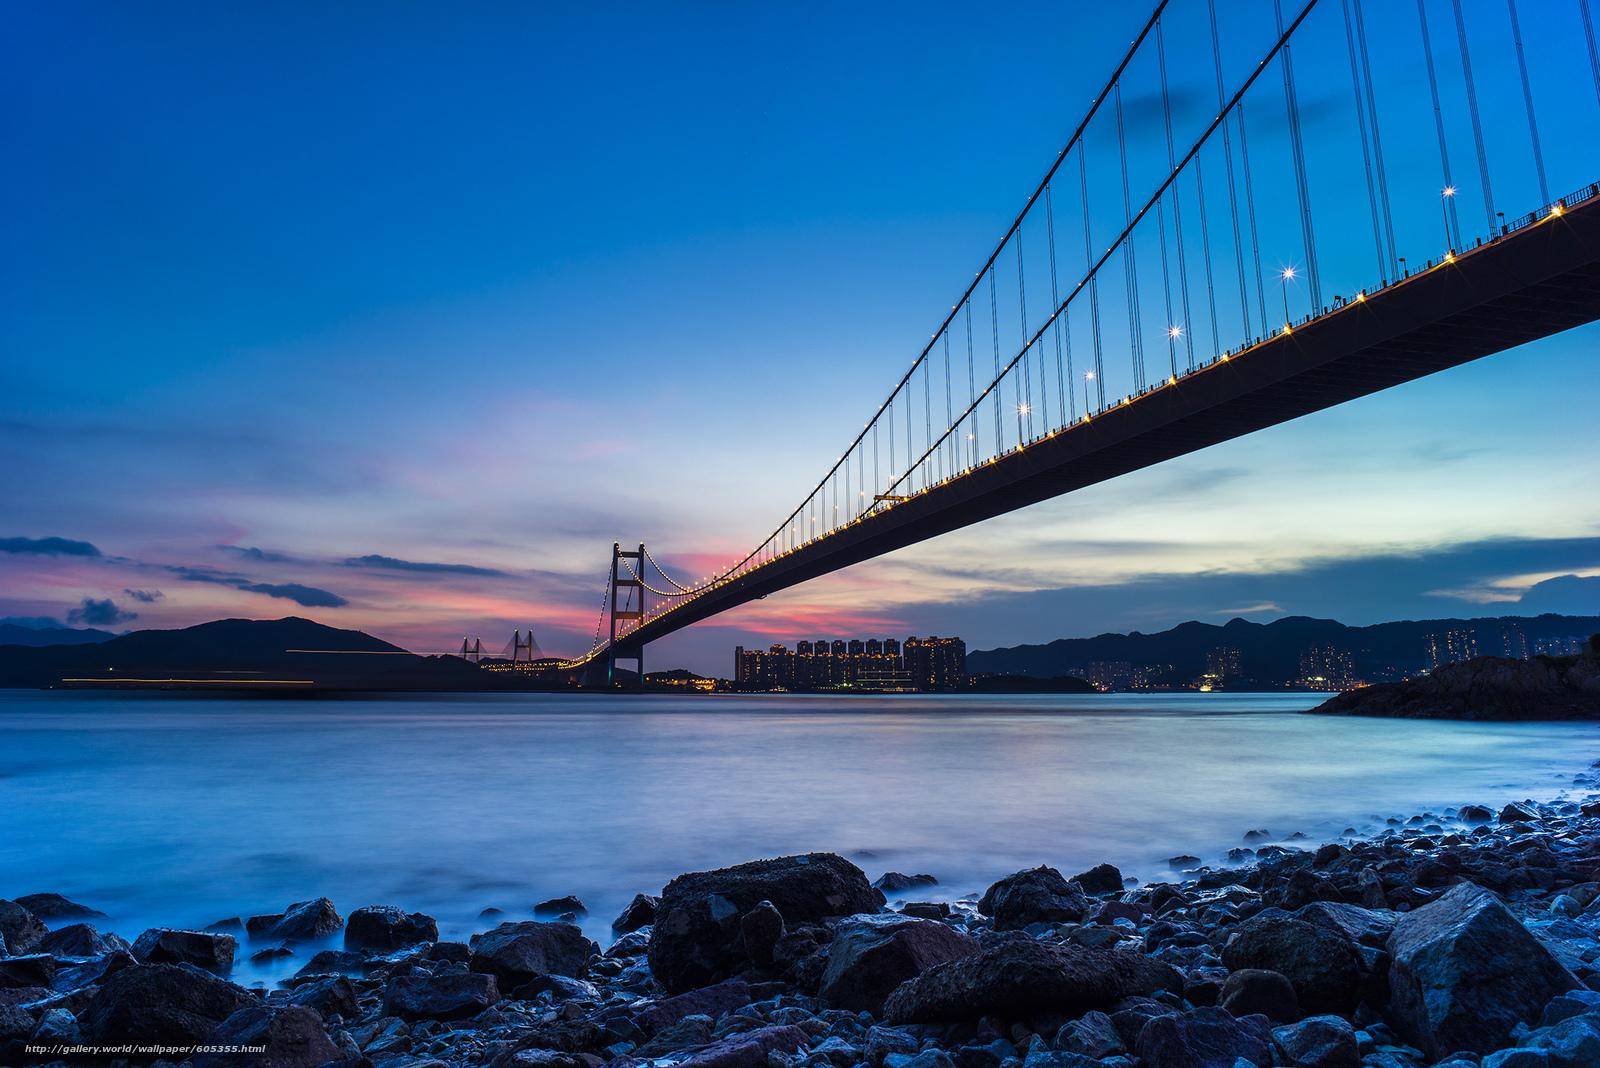 下载壁纸 桥,  西草湾,  青衣,  香港 免费为您的桌面分辨率的壁纸 2248x1500 — 图片 №605355